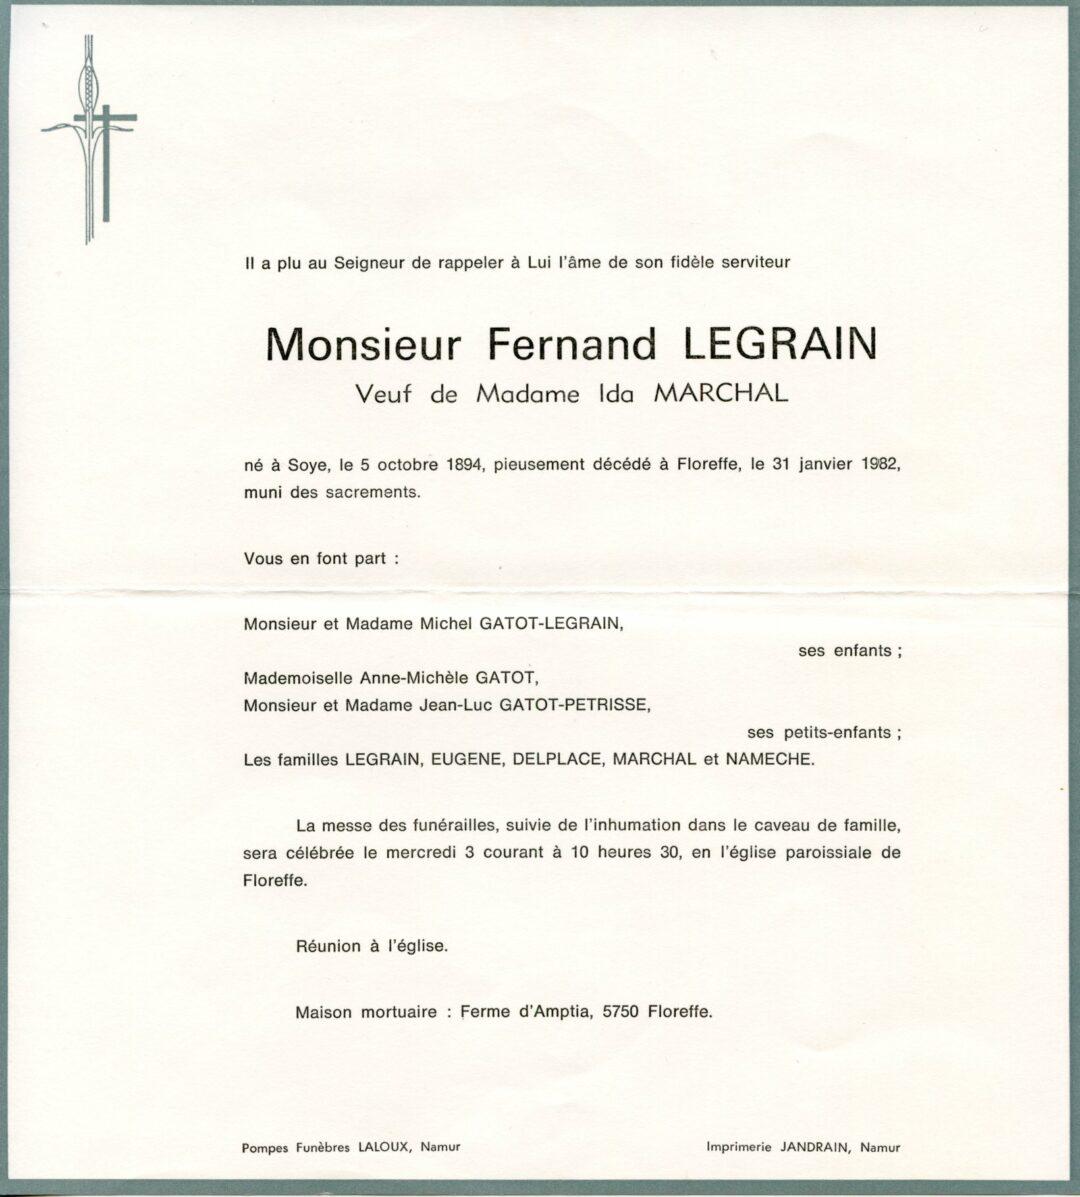 Soye – souvenirs mortuaires – les patronymes LEGRAIN